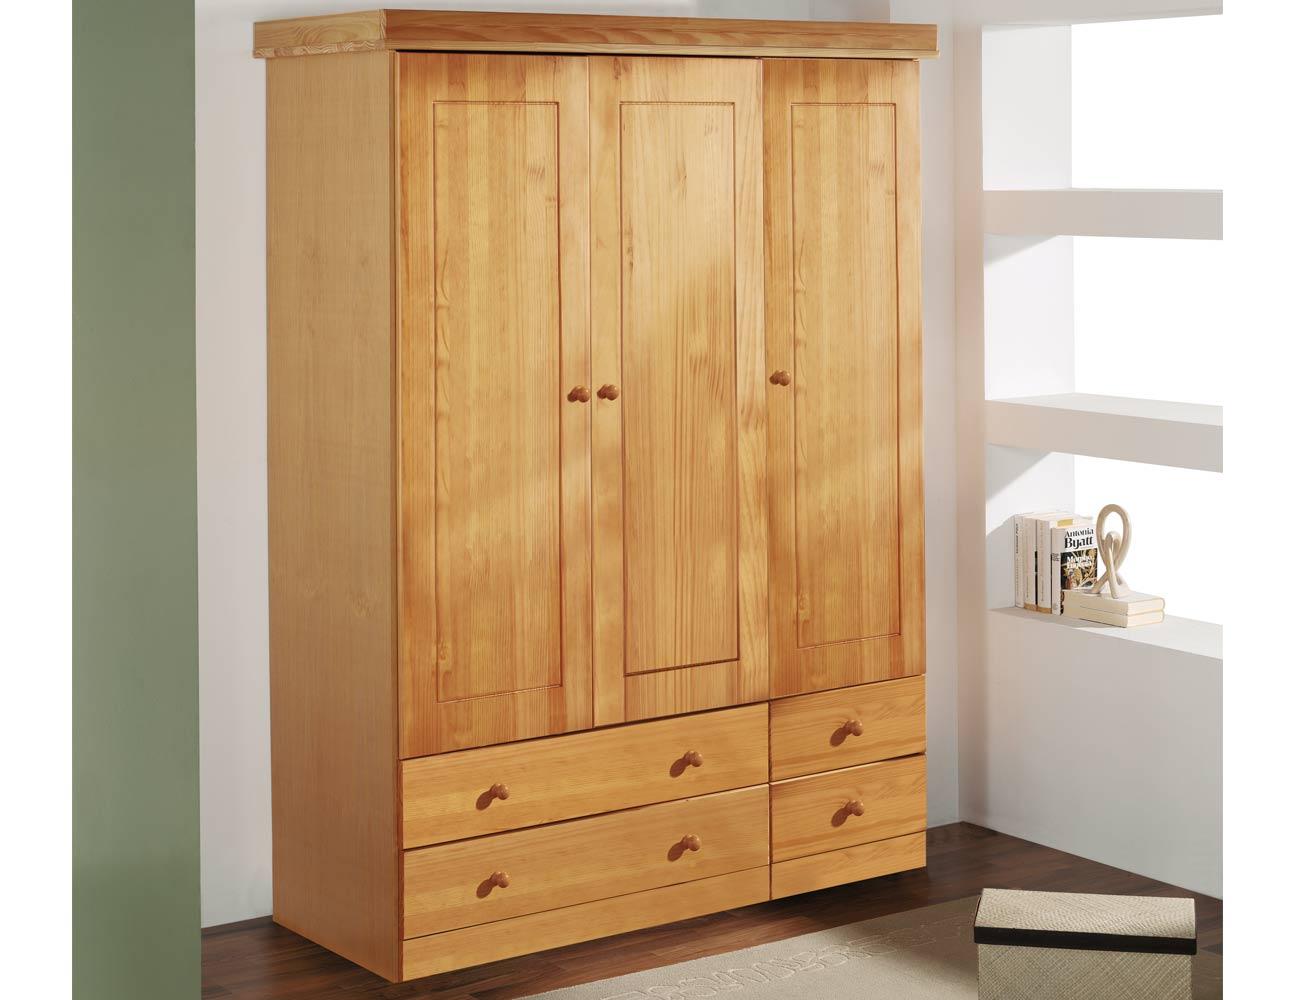 Armario 2 puertas en madera y en color miel 8076 for Puerta 4 del jockey